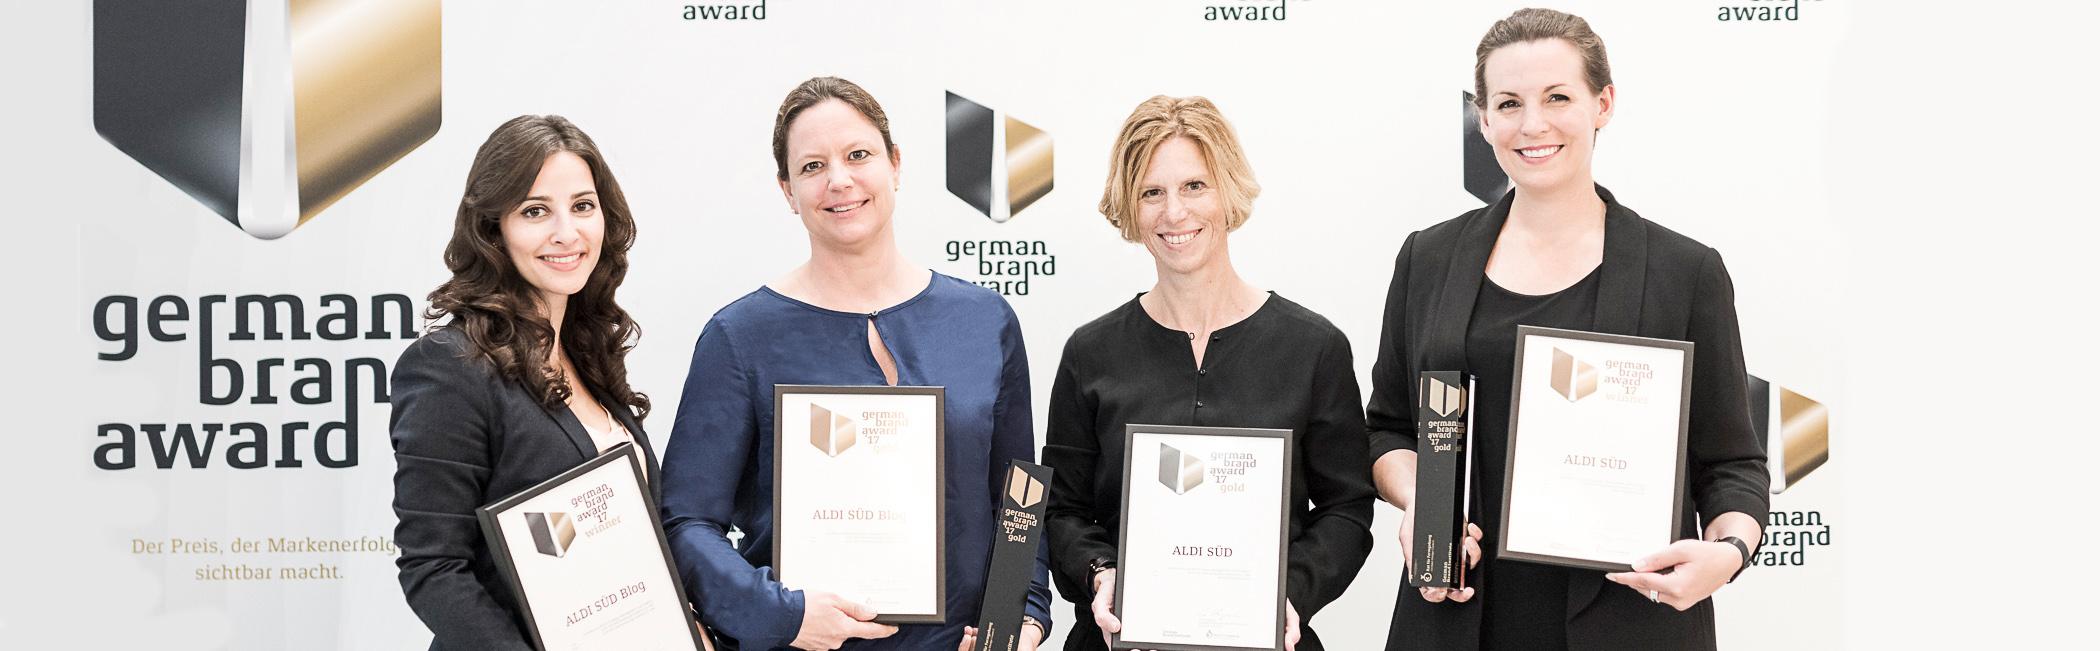 ALDI SÜD hat den German Brand Award 2017 für den Unternehmensblog erhalten.